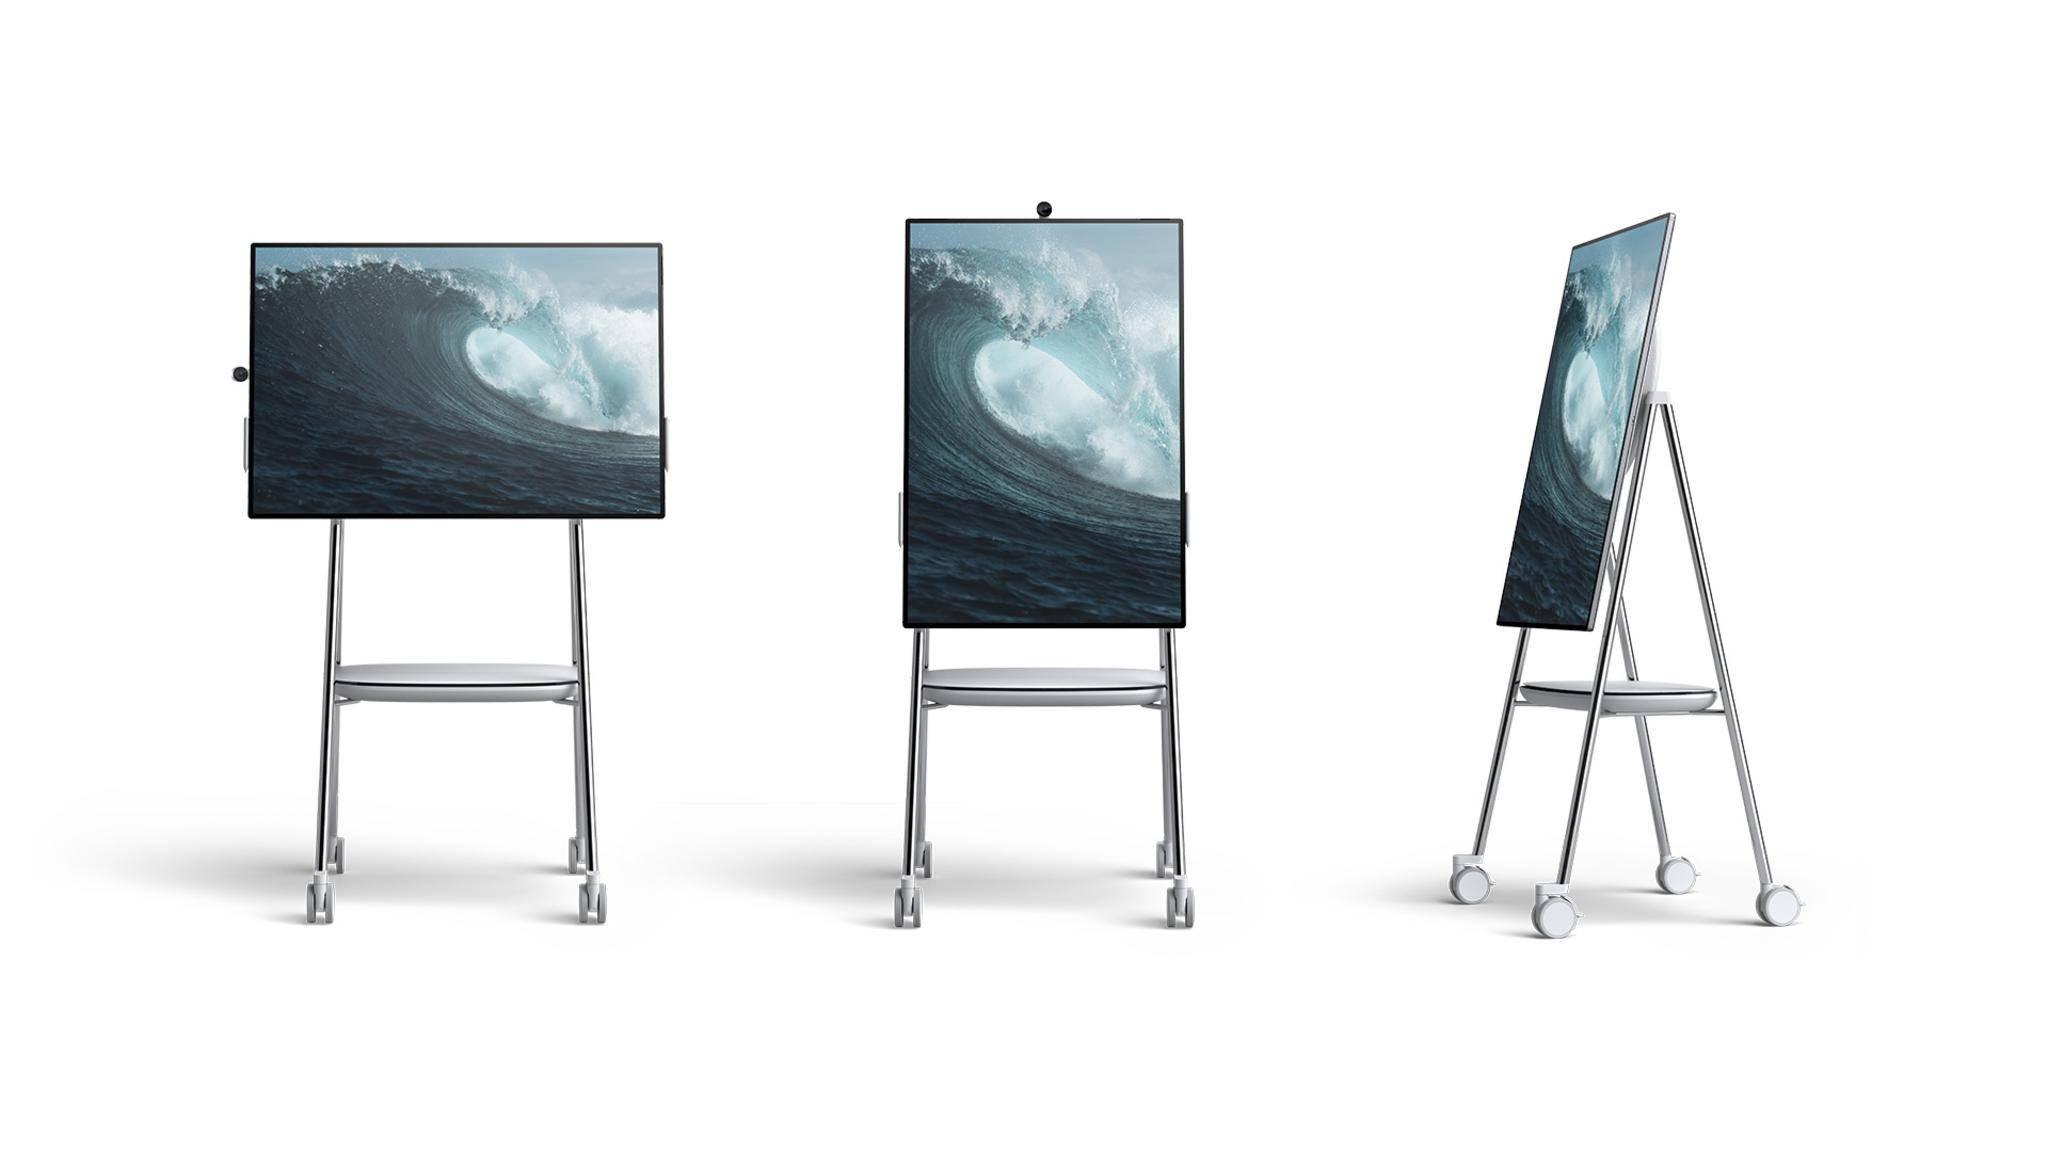 Der 50 Zoll große Surface Hub 2 ist für die Teamarbeit in Büros ausgelegt.